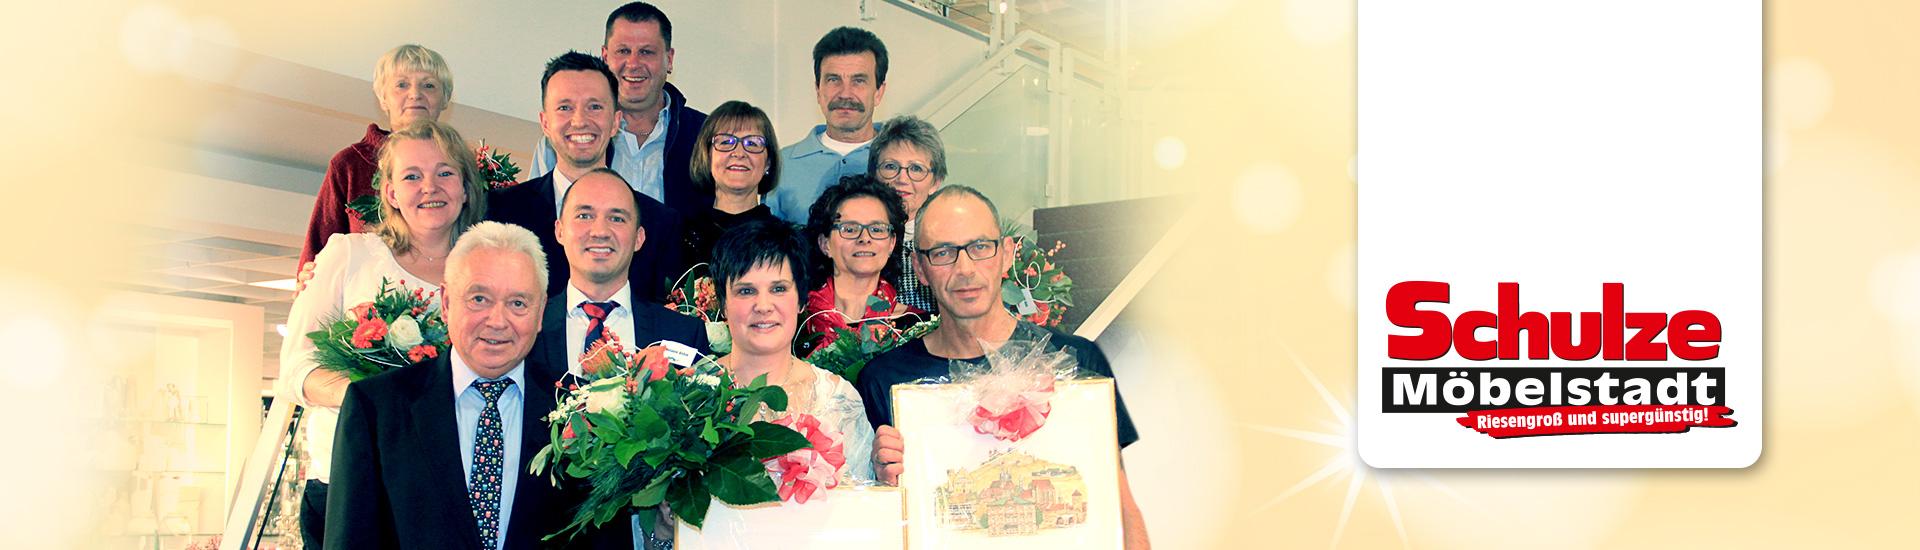 Das Einrichtungshaus Schulze ehrte seine langjährigen Mitarbeiter